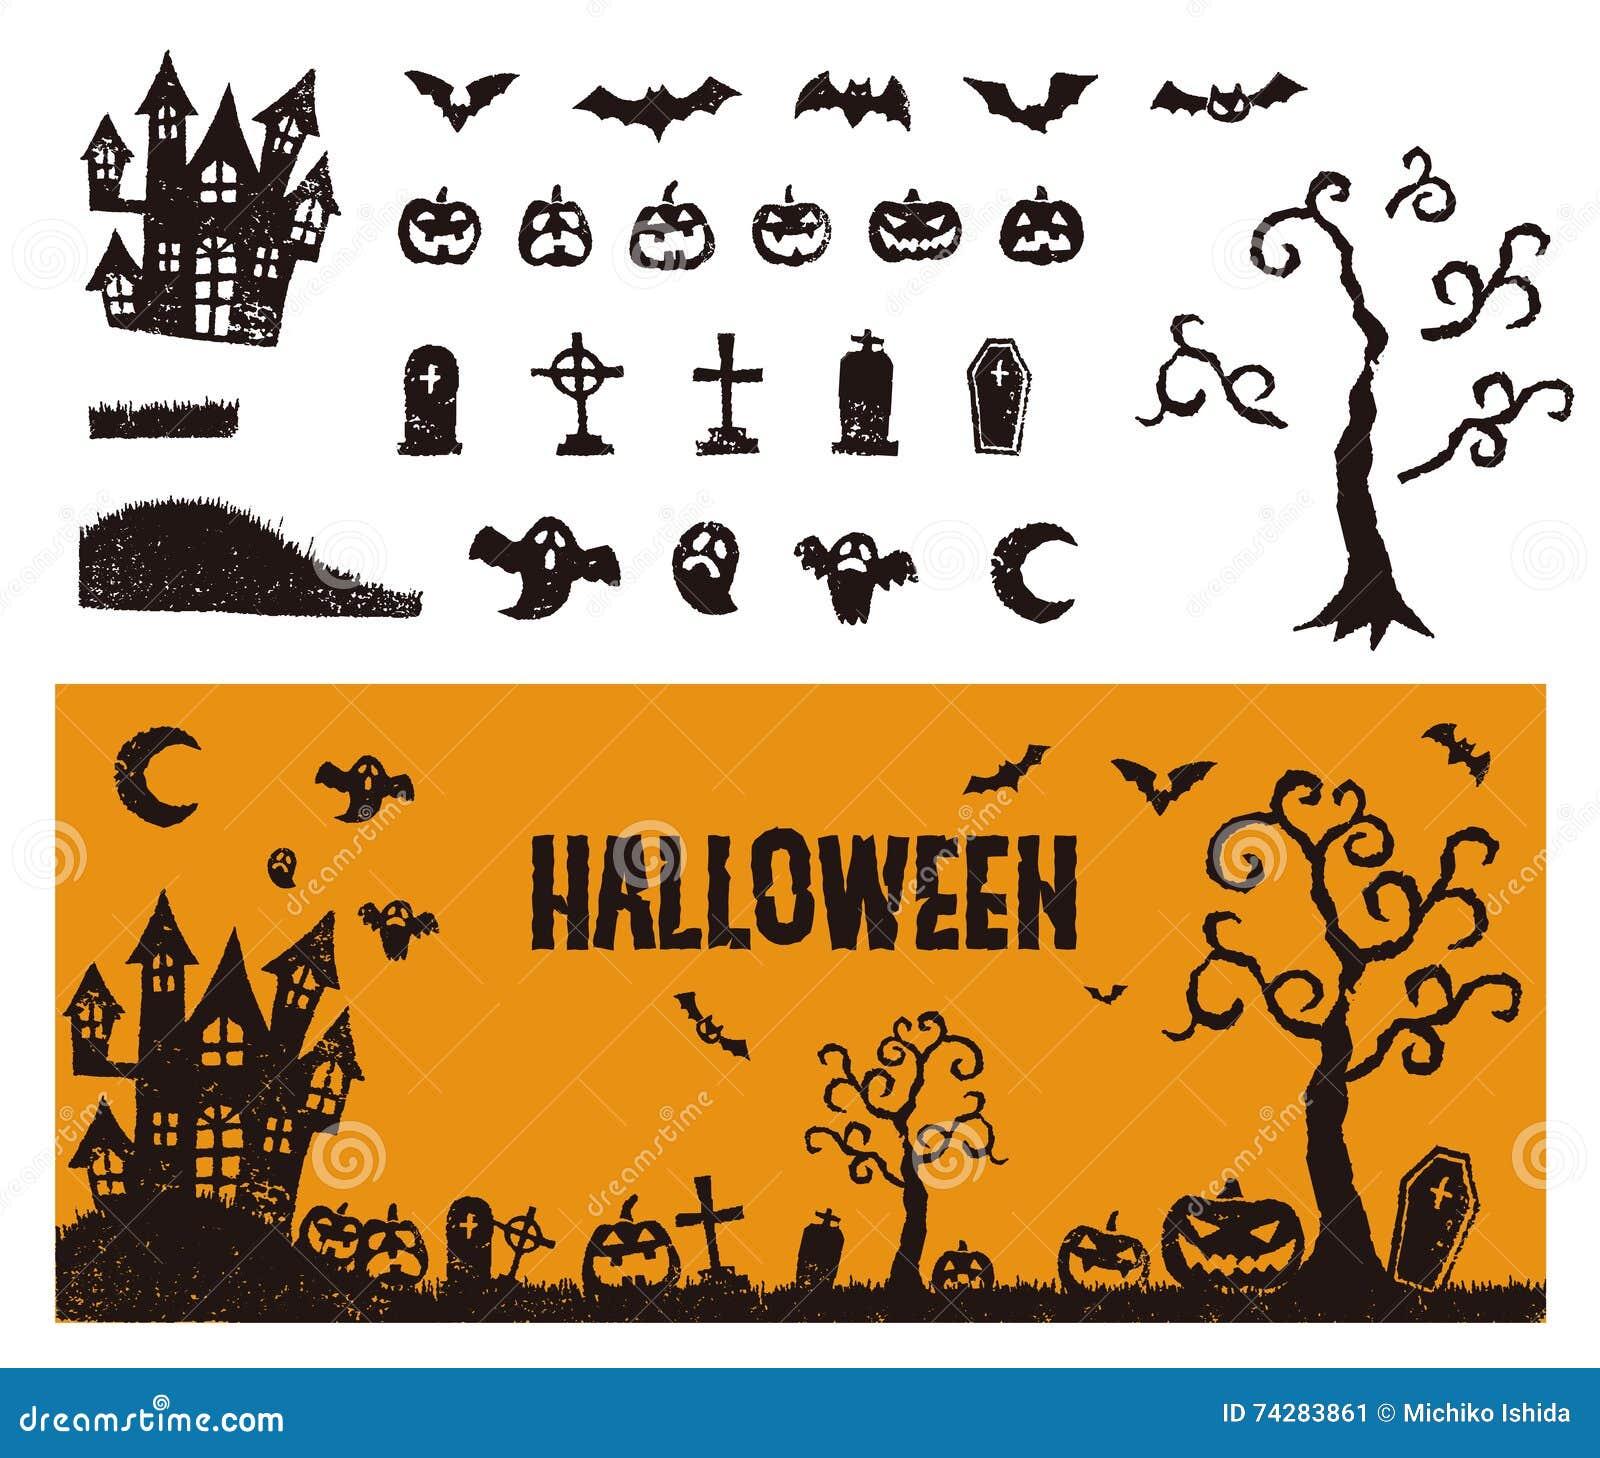 Halloween-pictogram met een banner